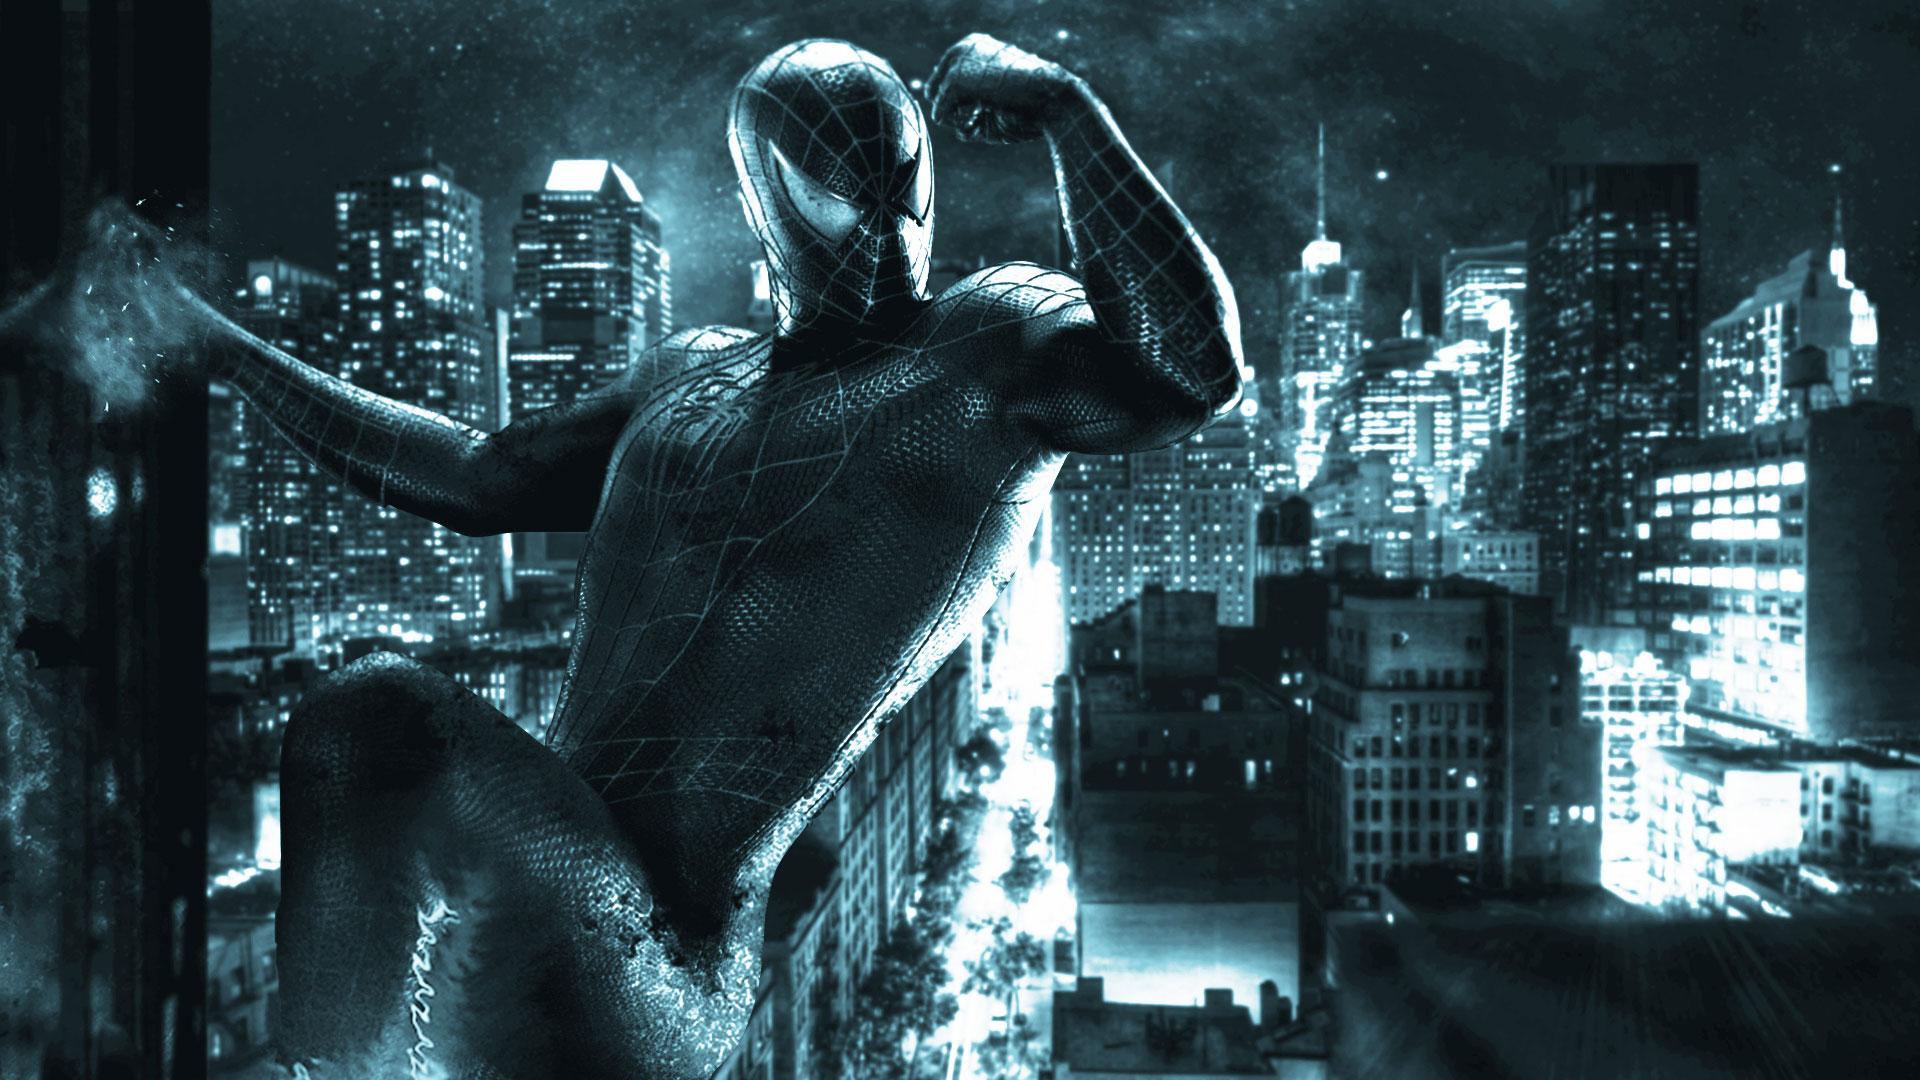 71 Black Spiderman Wallpaper On Wallpapersafari